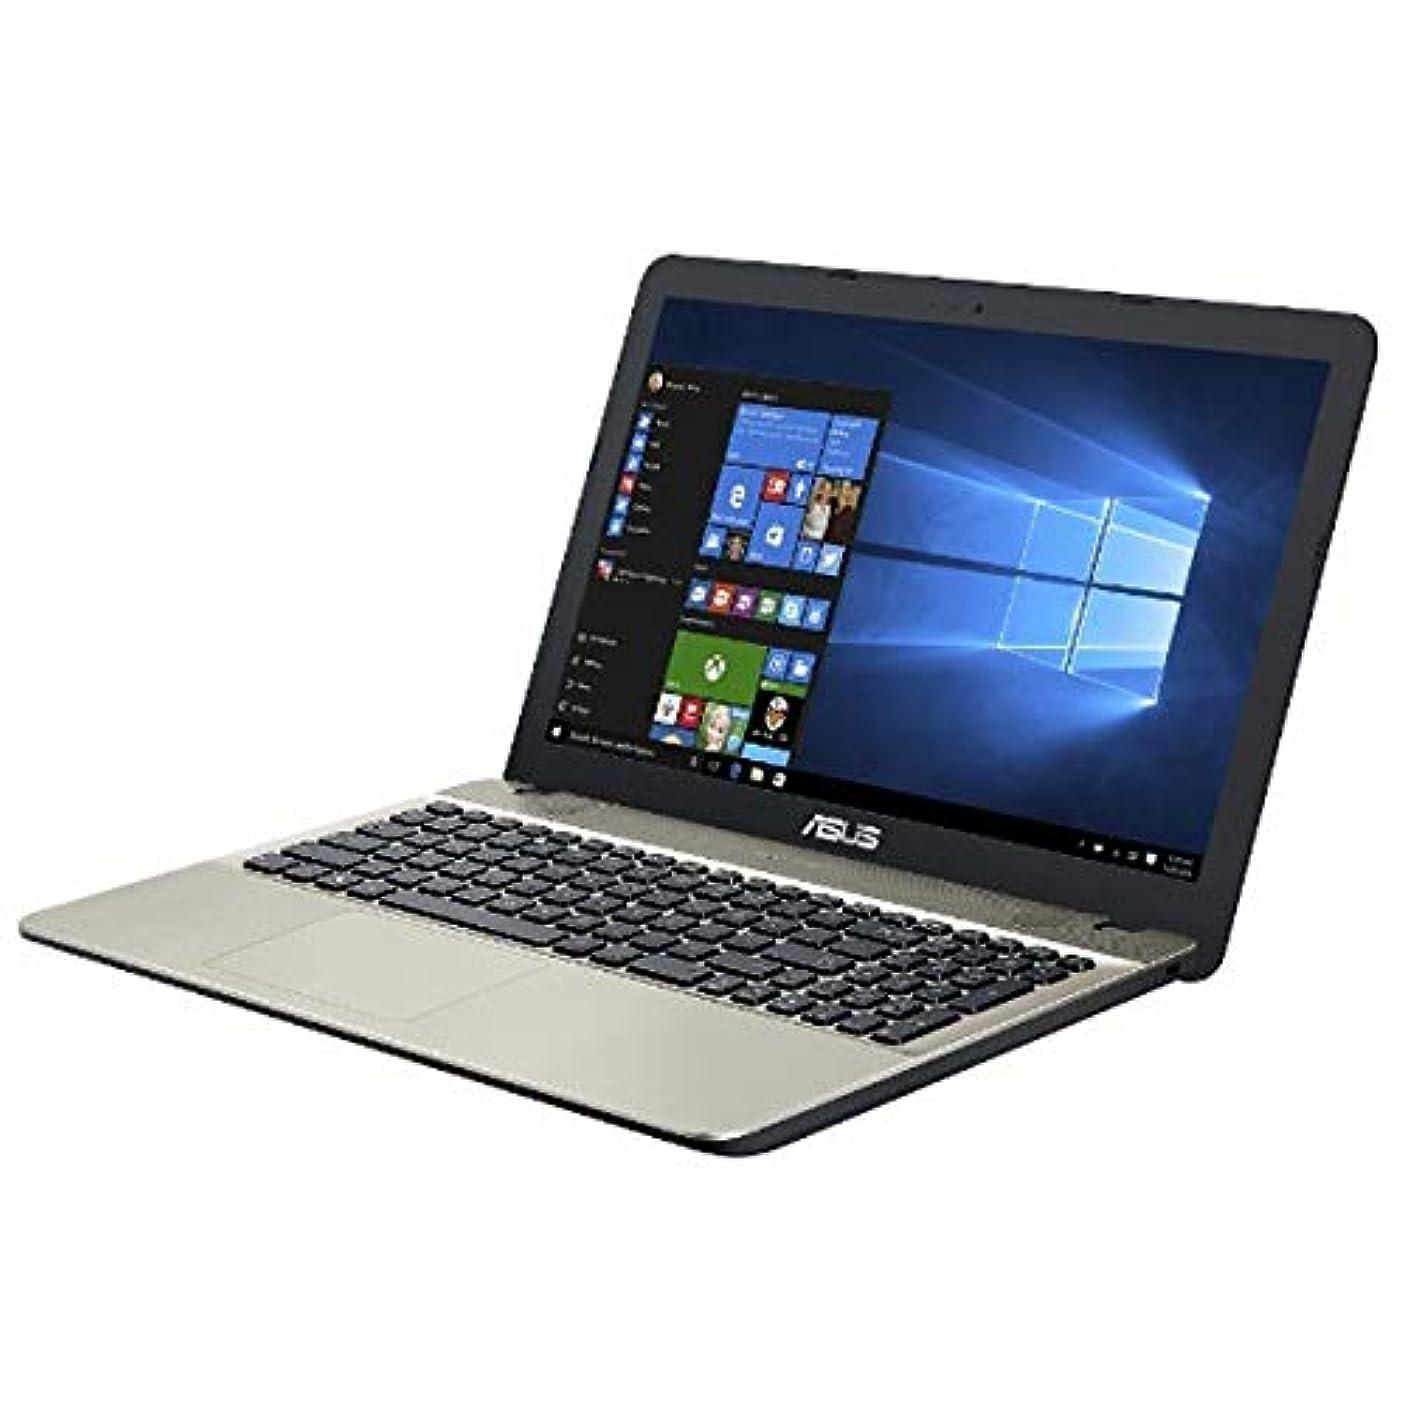 何十人もナチュラル秘書D541NA-GO673TS(ダ-クブラウン) VivoBook Max 15.6型液晶